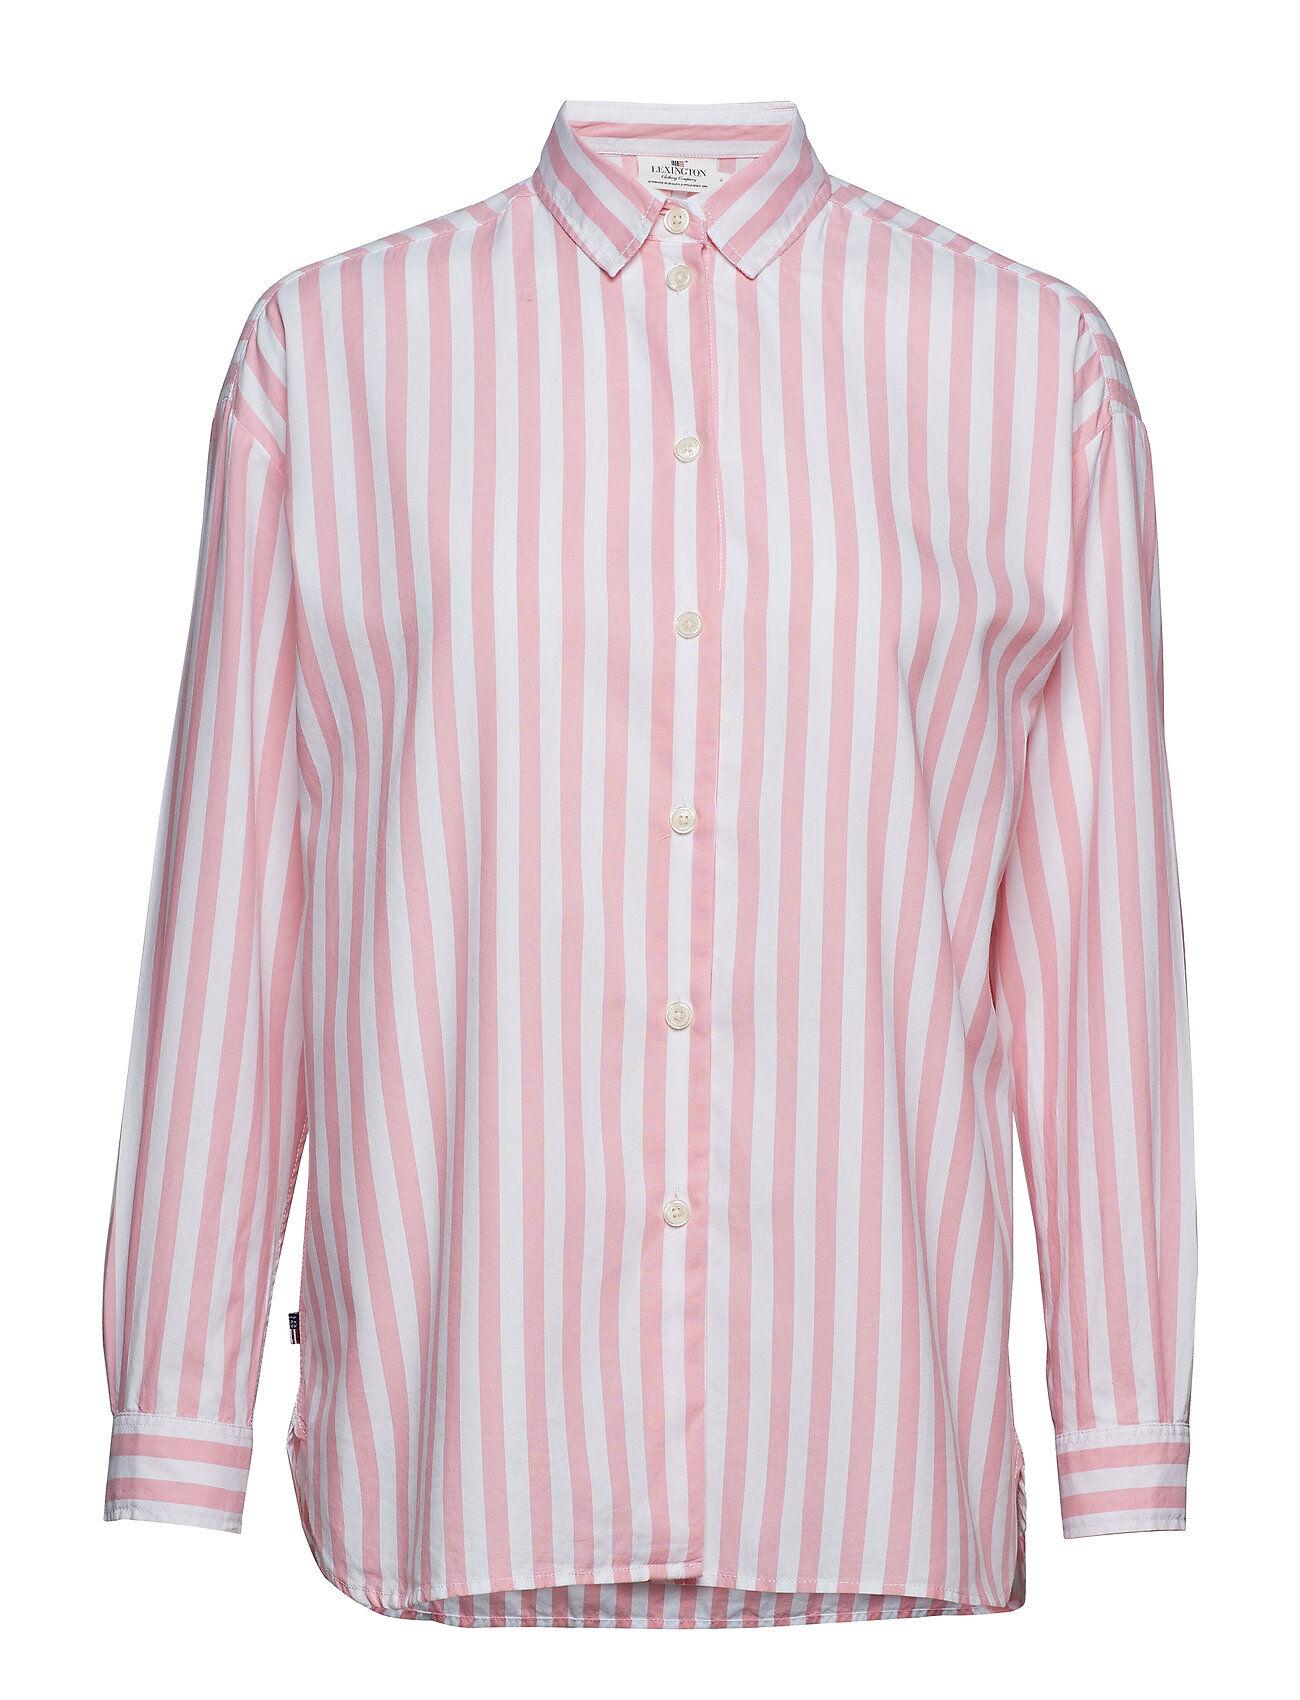 Lexington Clothing Edith Lt Oxford Shirt Pitkähihainen Paita Vaaleanpunainen